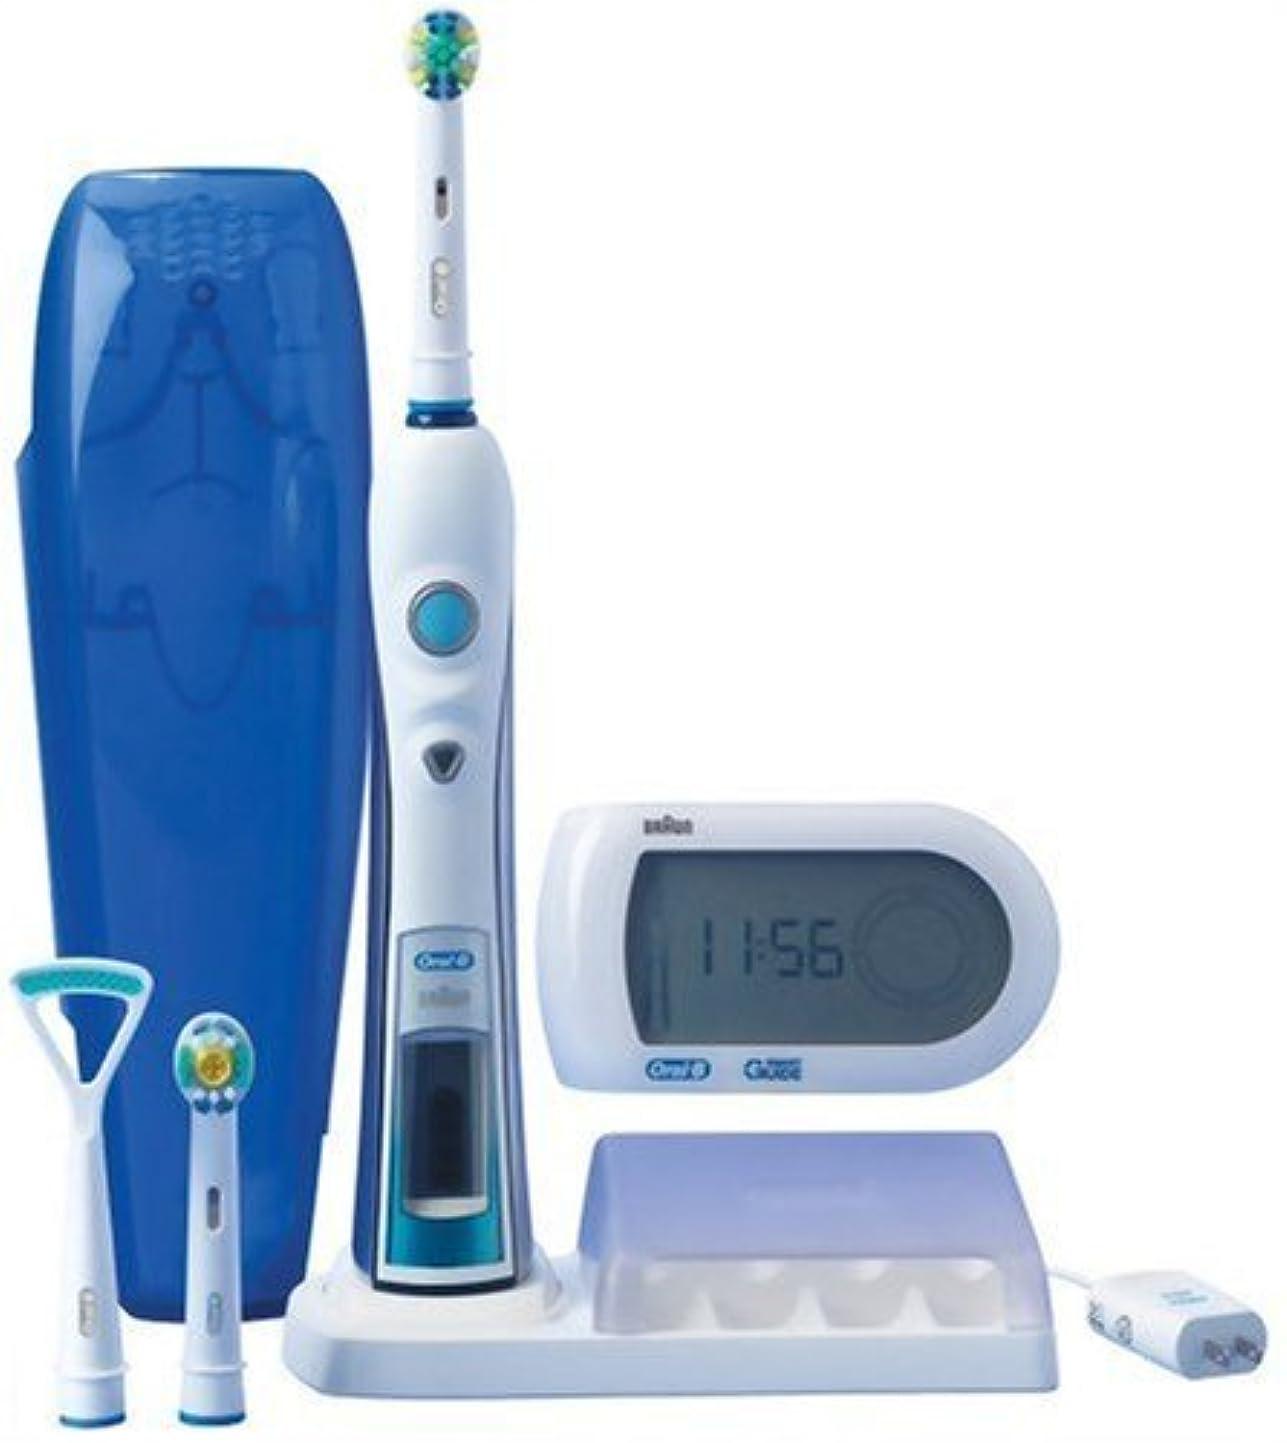 百年着替える増強ブラウン オーラルB 電動歯ブラシ 多機能ハイグレードモデル 歯磨きナビ付 D325365X